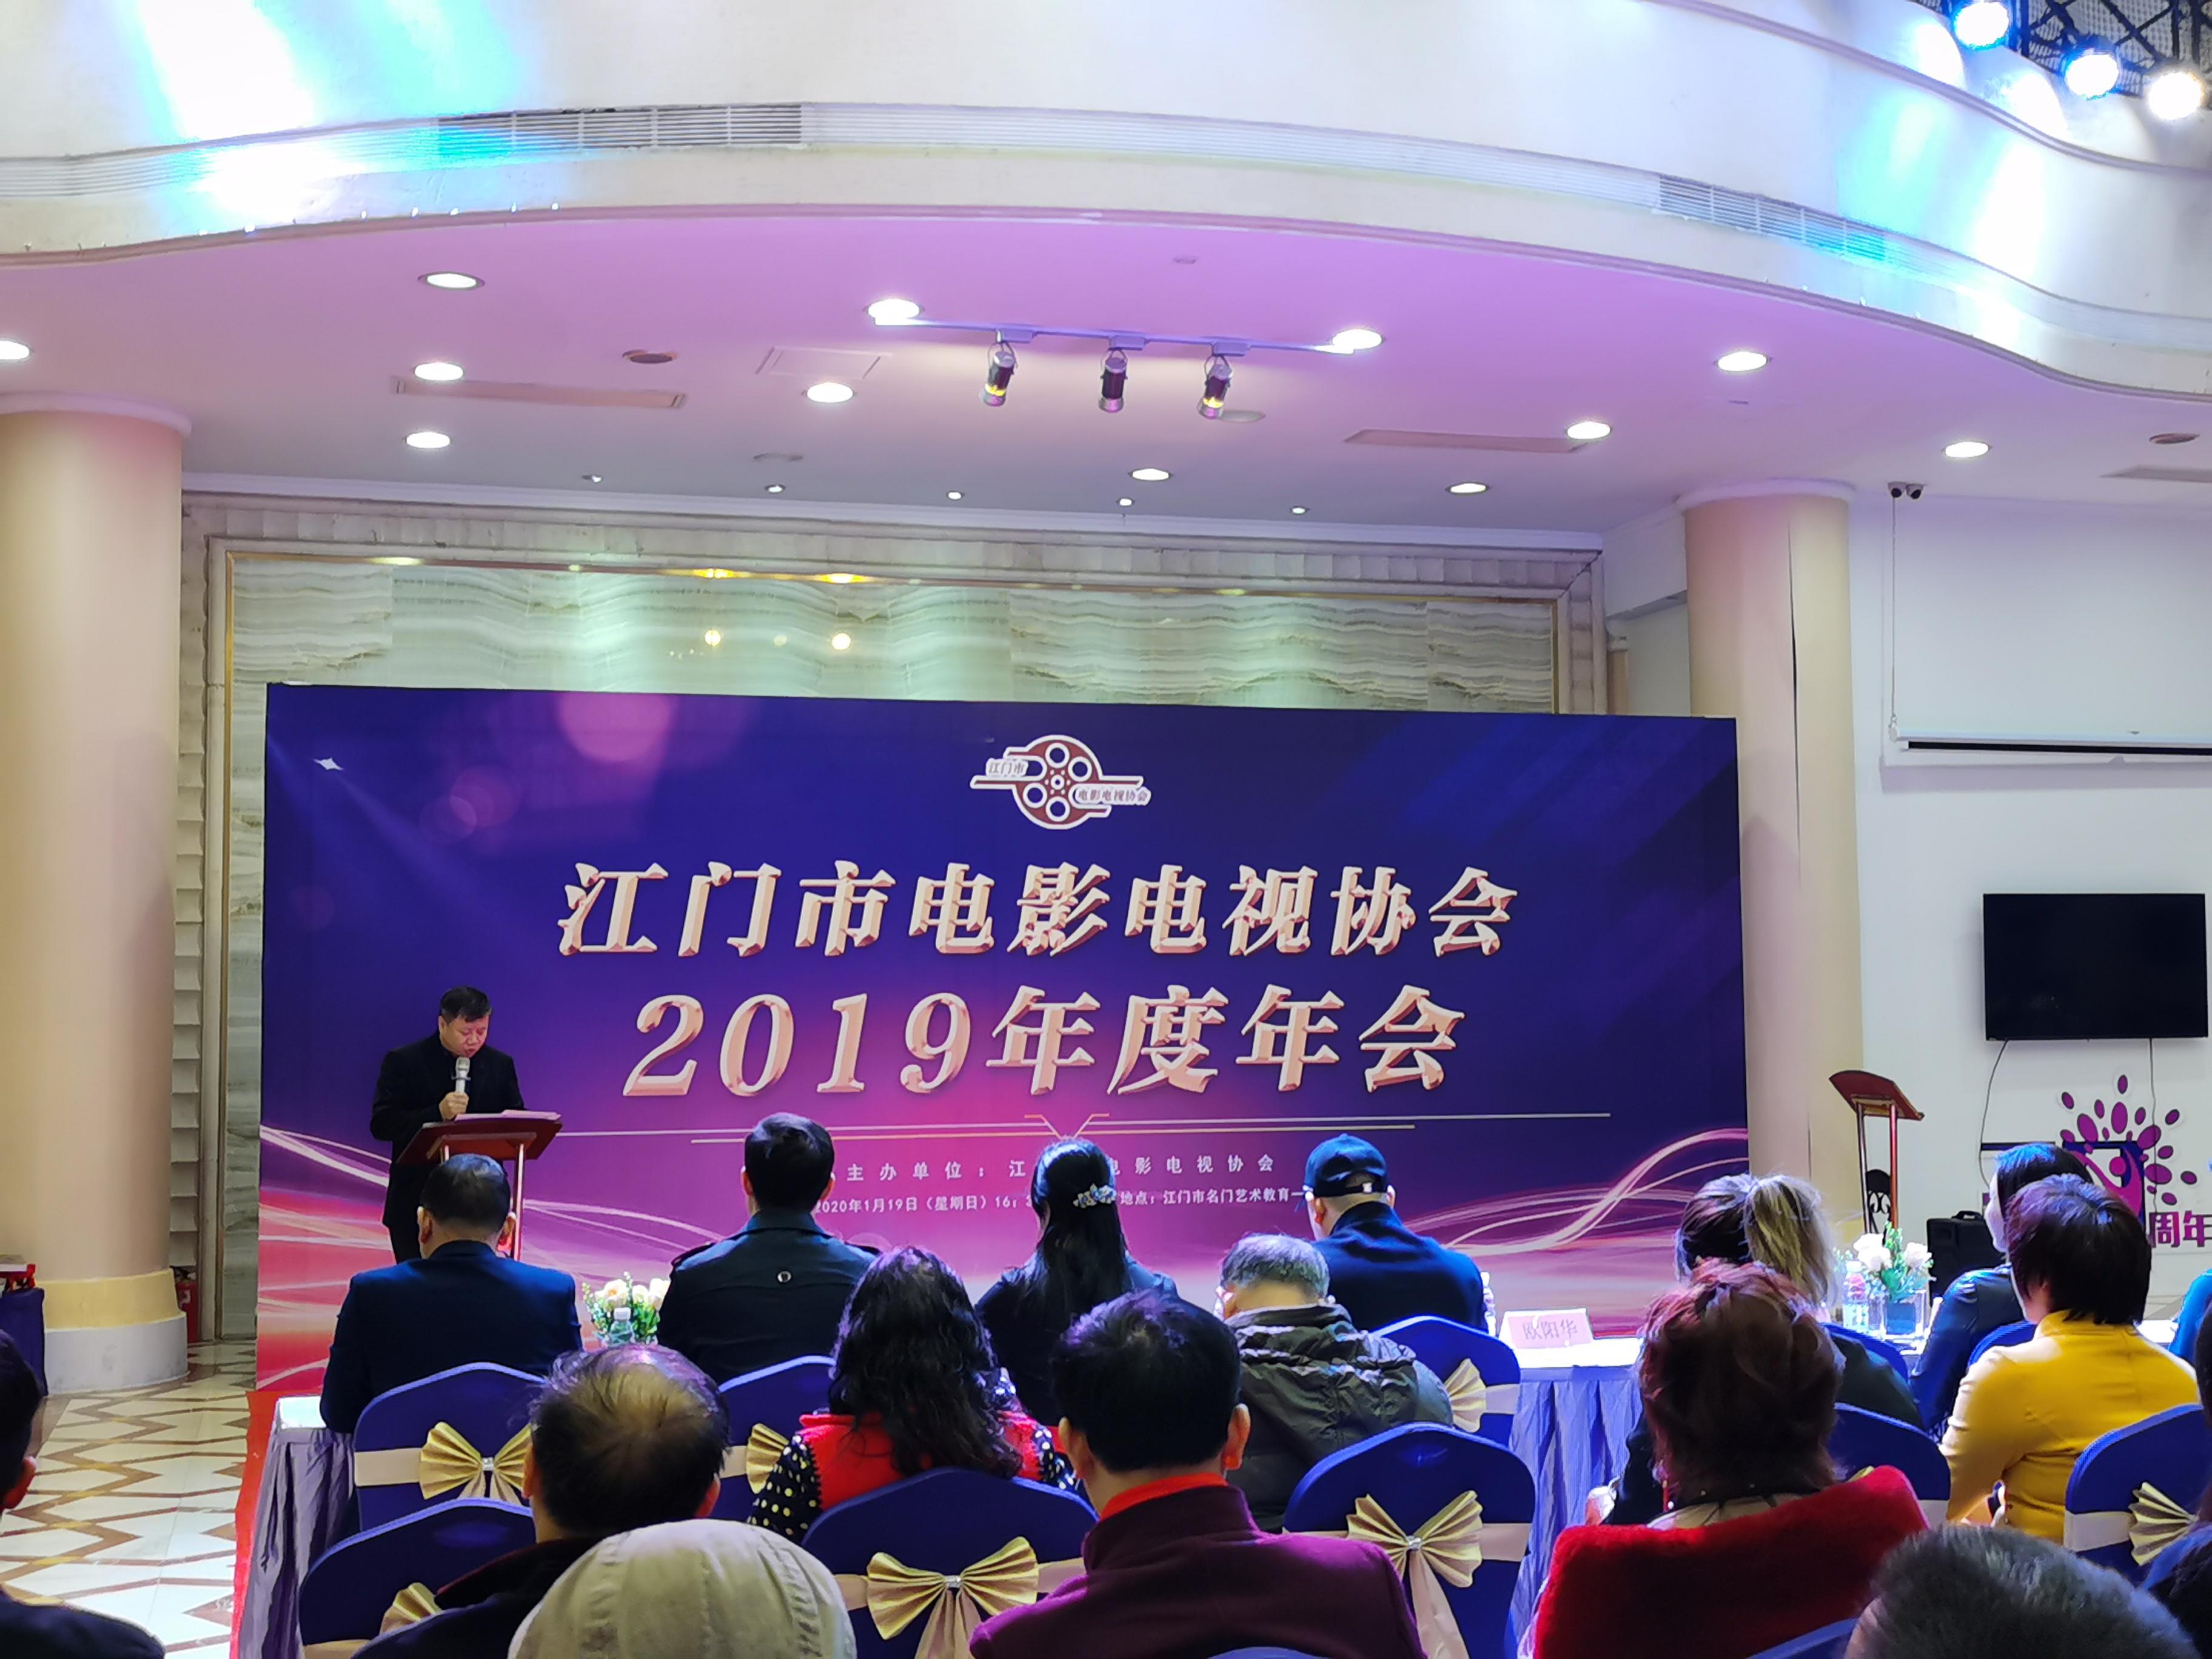 江门:今年10月将举办中国侨都电影文化节